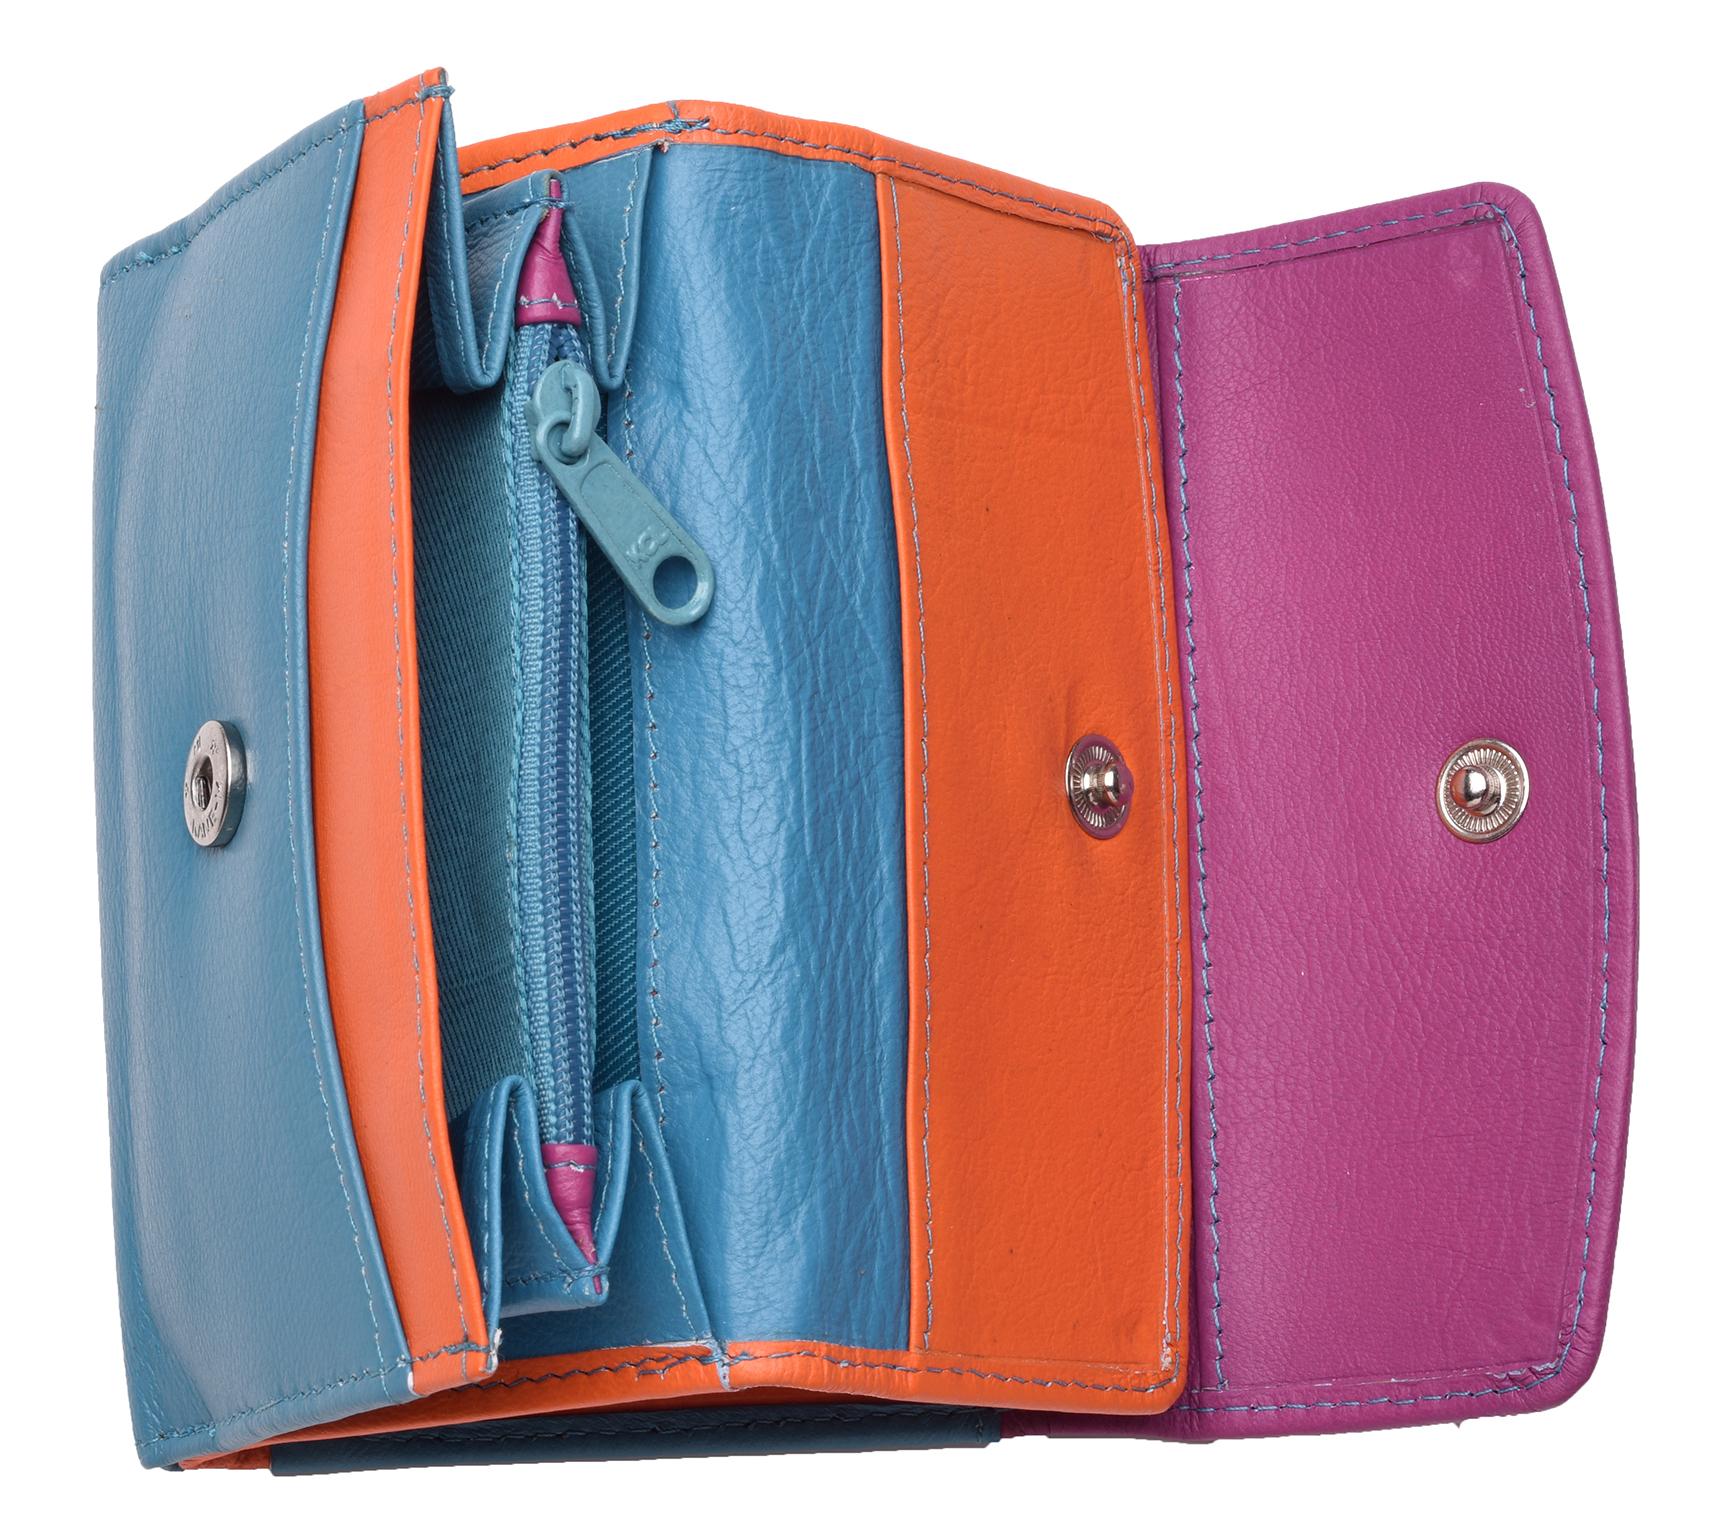 Femme-Multi-Couleur-RFID-Bloquant-en-cuir-veritable-sac-a-main-bleu-violet-noir miniature 7